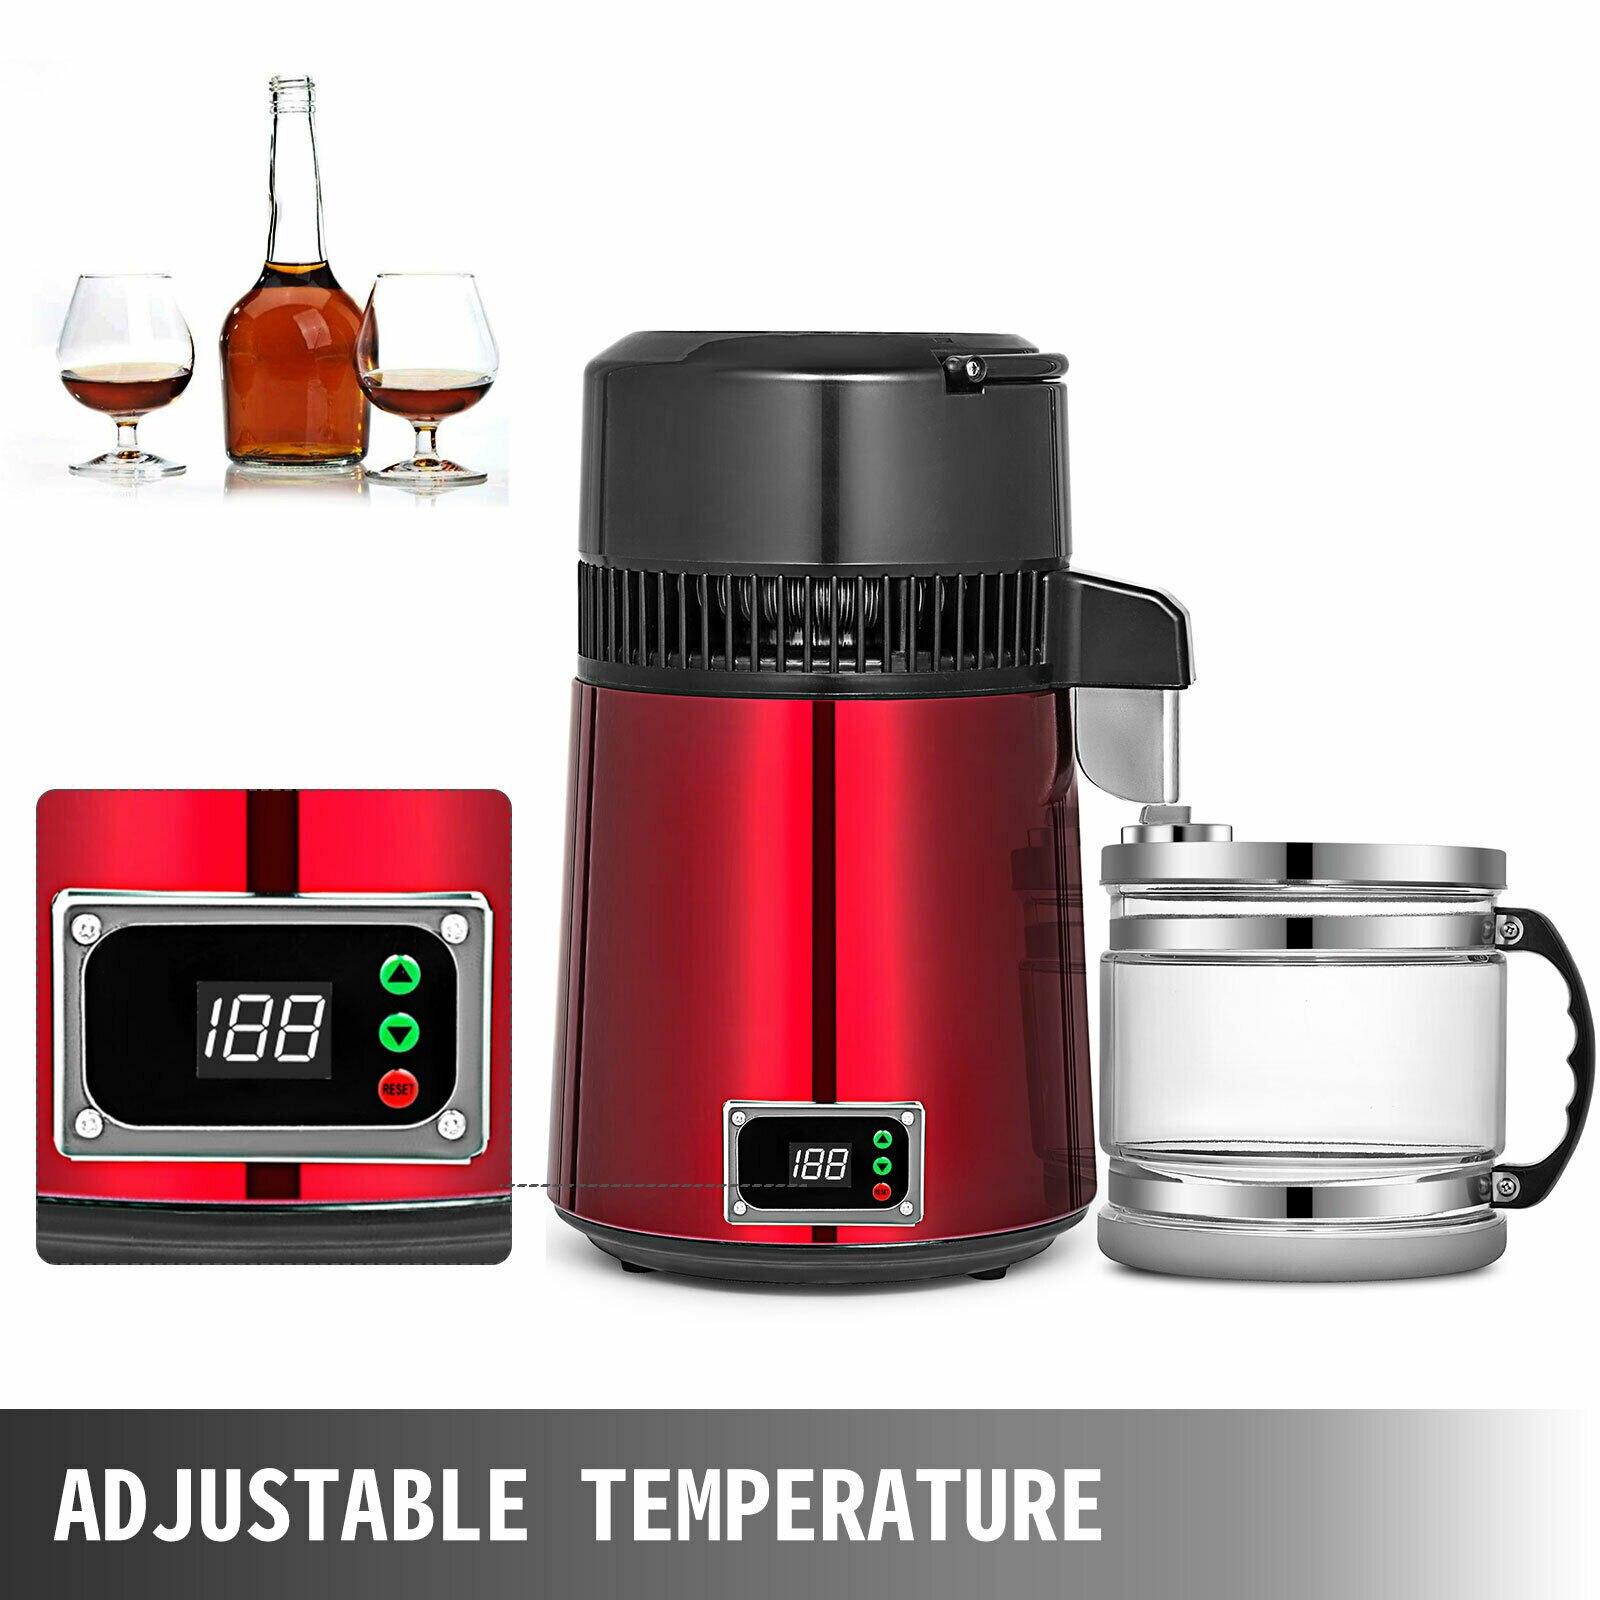 جهاز تقطير المياه بأفضل سعر فعلي 420 يورو جهاز تقطير المياه الكحول 4L 750 وات جهاز تقطير المياه الكهربائي للأسنان/الطبي/المعمل